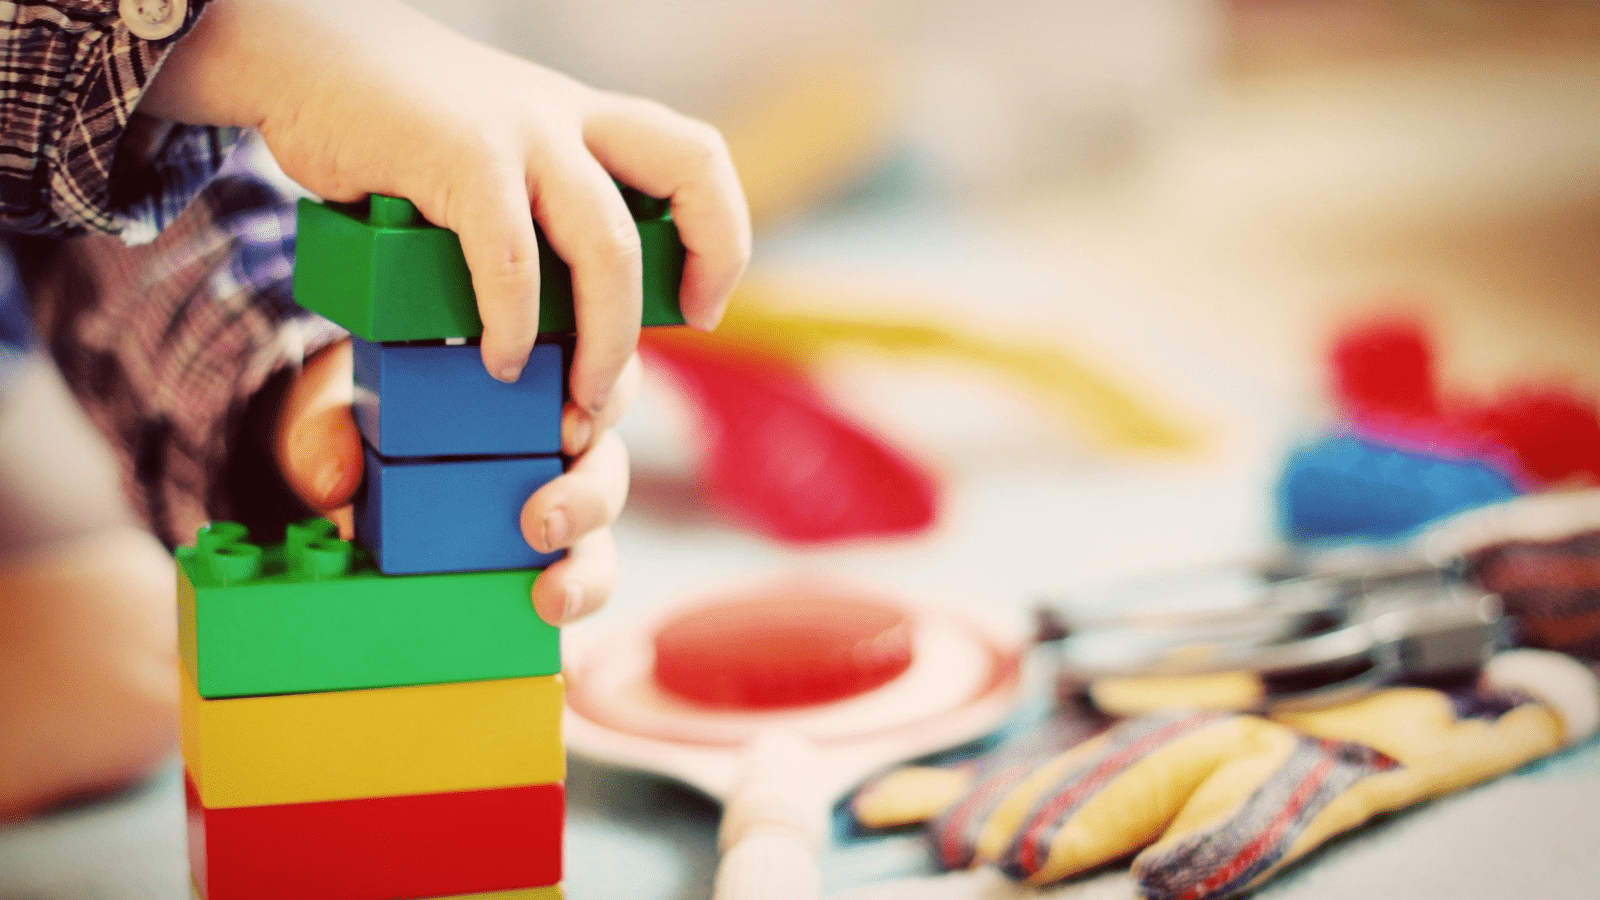 Speelgoed voor kinderen met ADHD